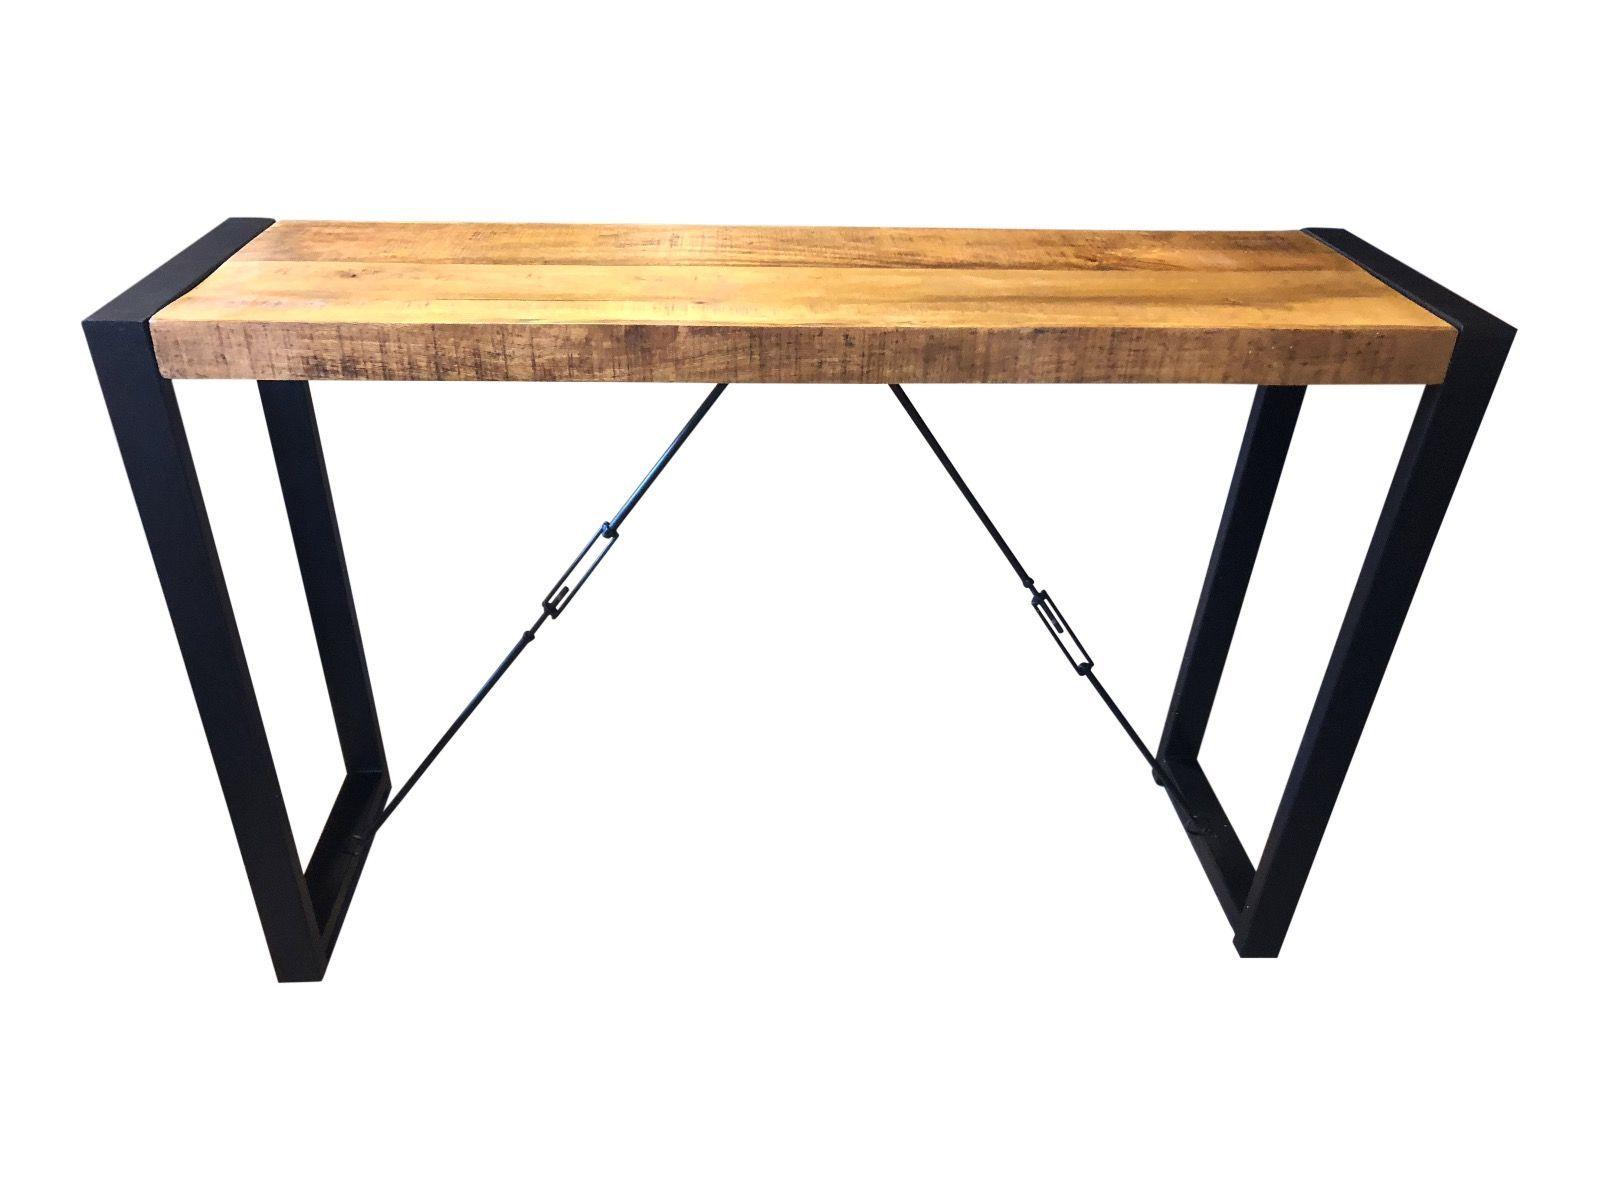 Side Table Metaal.Deze Side Table Wandtafel Is Gemaakt Van Mangohout